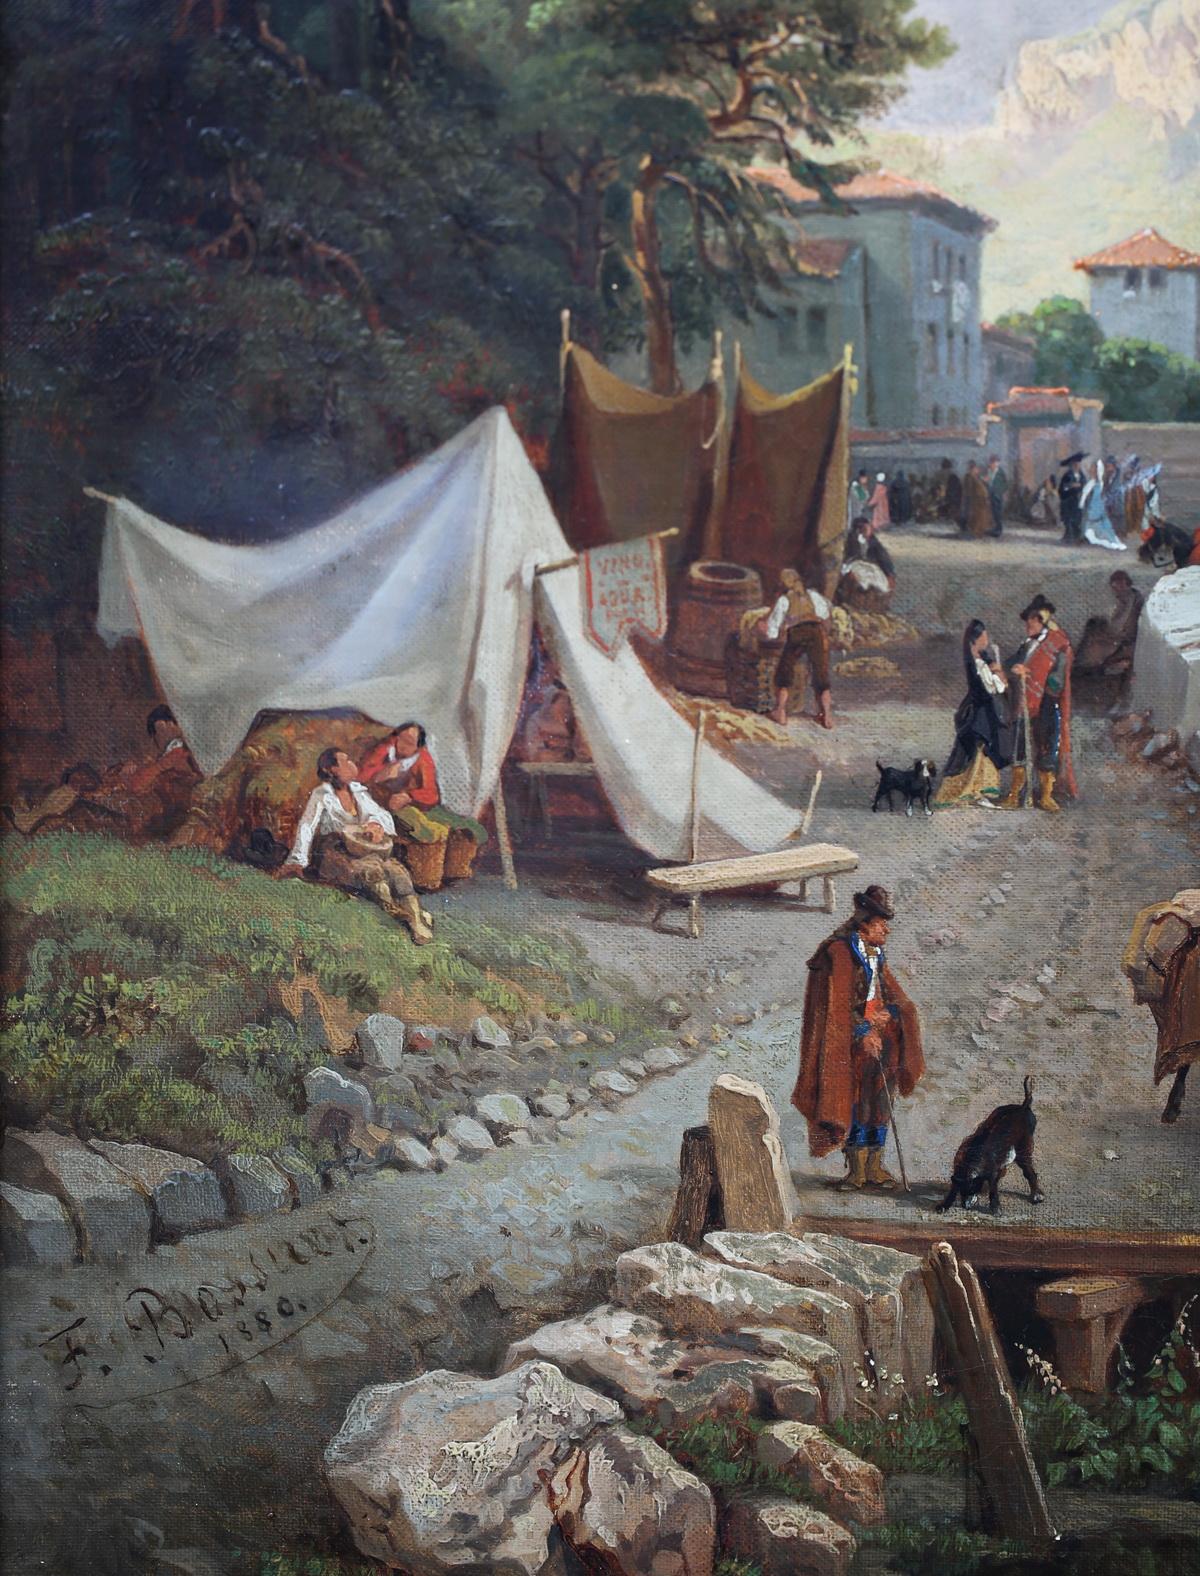 François Antoine BOSSUET 1798-1889